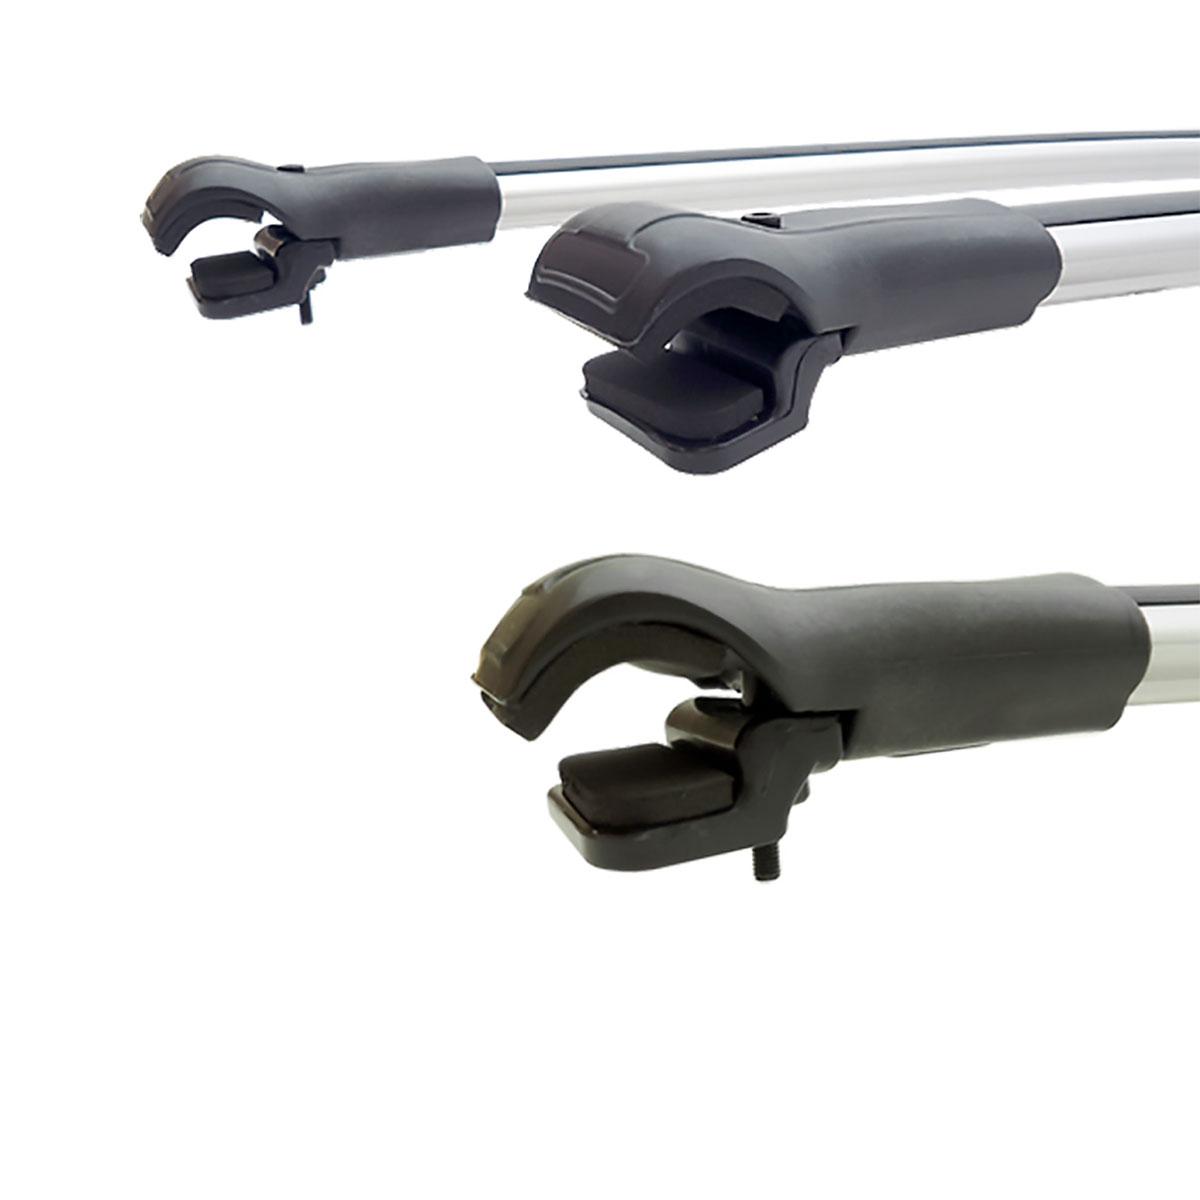 Travessa rack de teto larga alumínio Pajero TR4 2010 a 2015